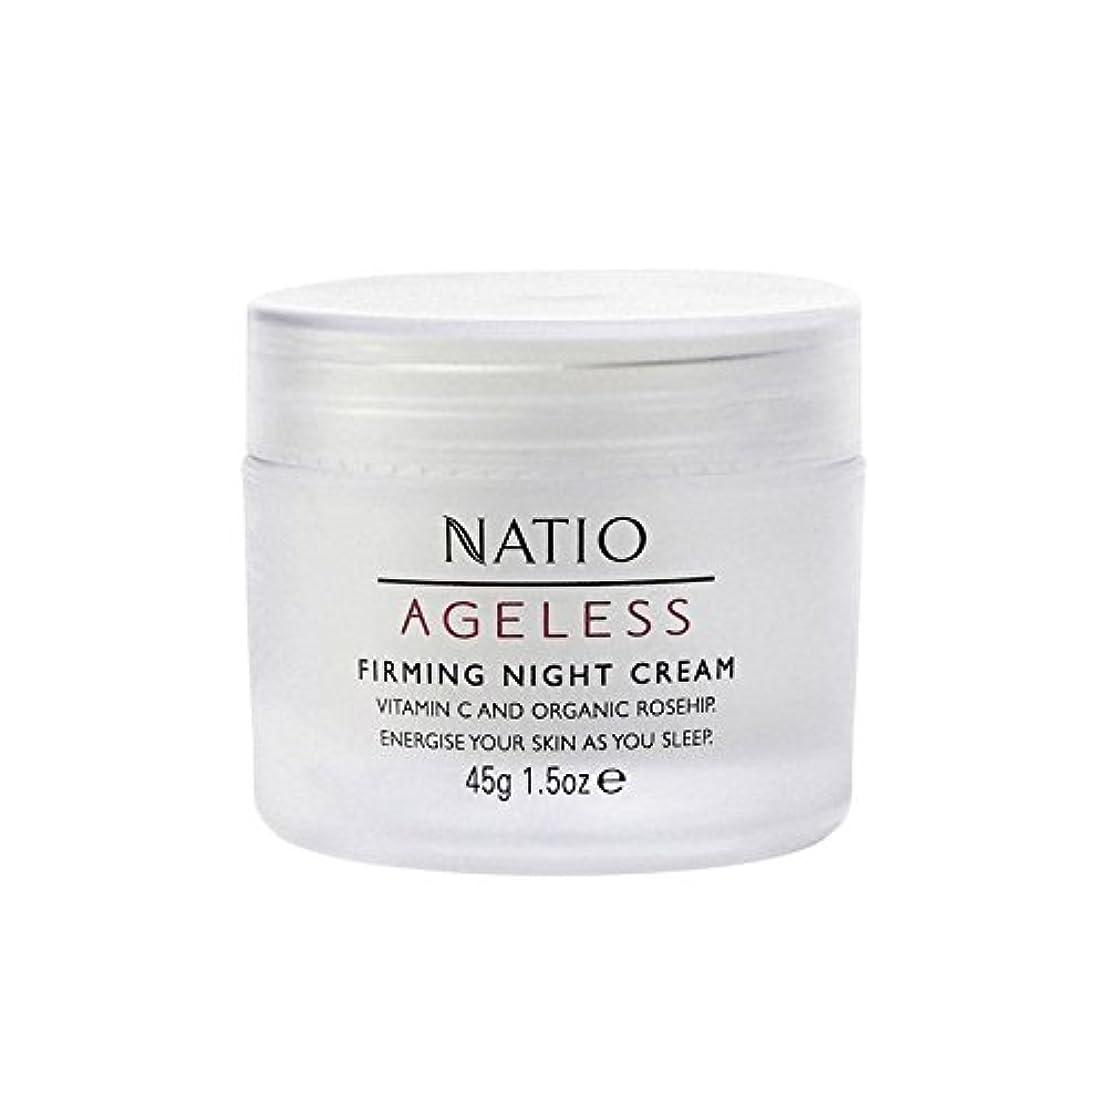 ワードローブ見物人桃永遠ファーミングナイトクリーム(45グラム) x4 - Natio Ageless Firming Night Cream (45G) (Pack of 4) [並行輸入品]